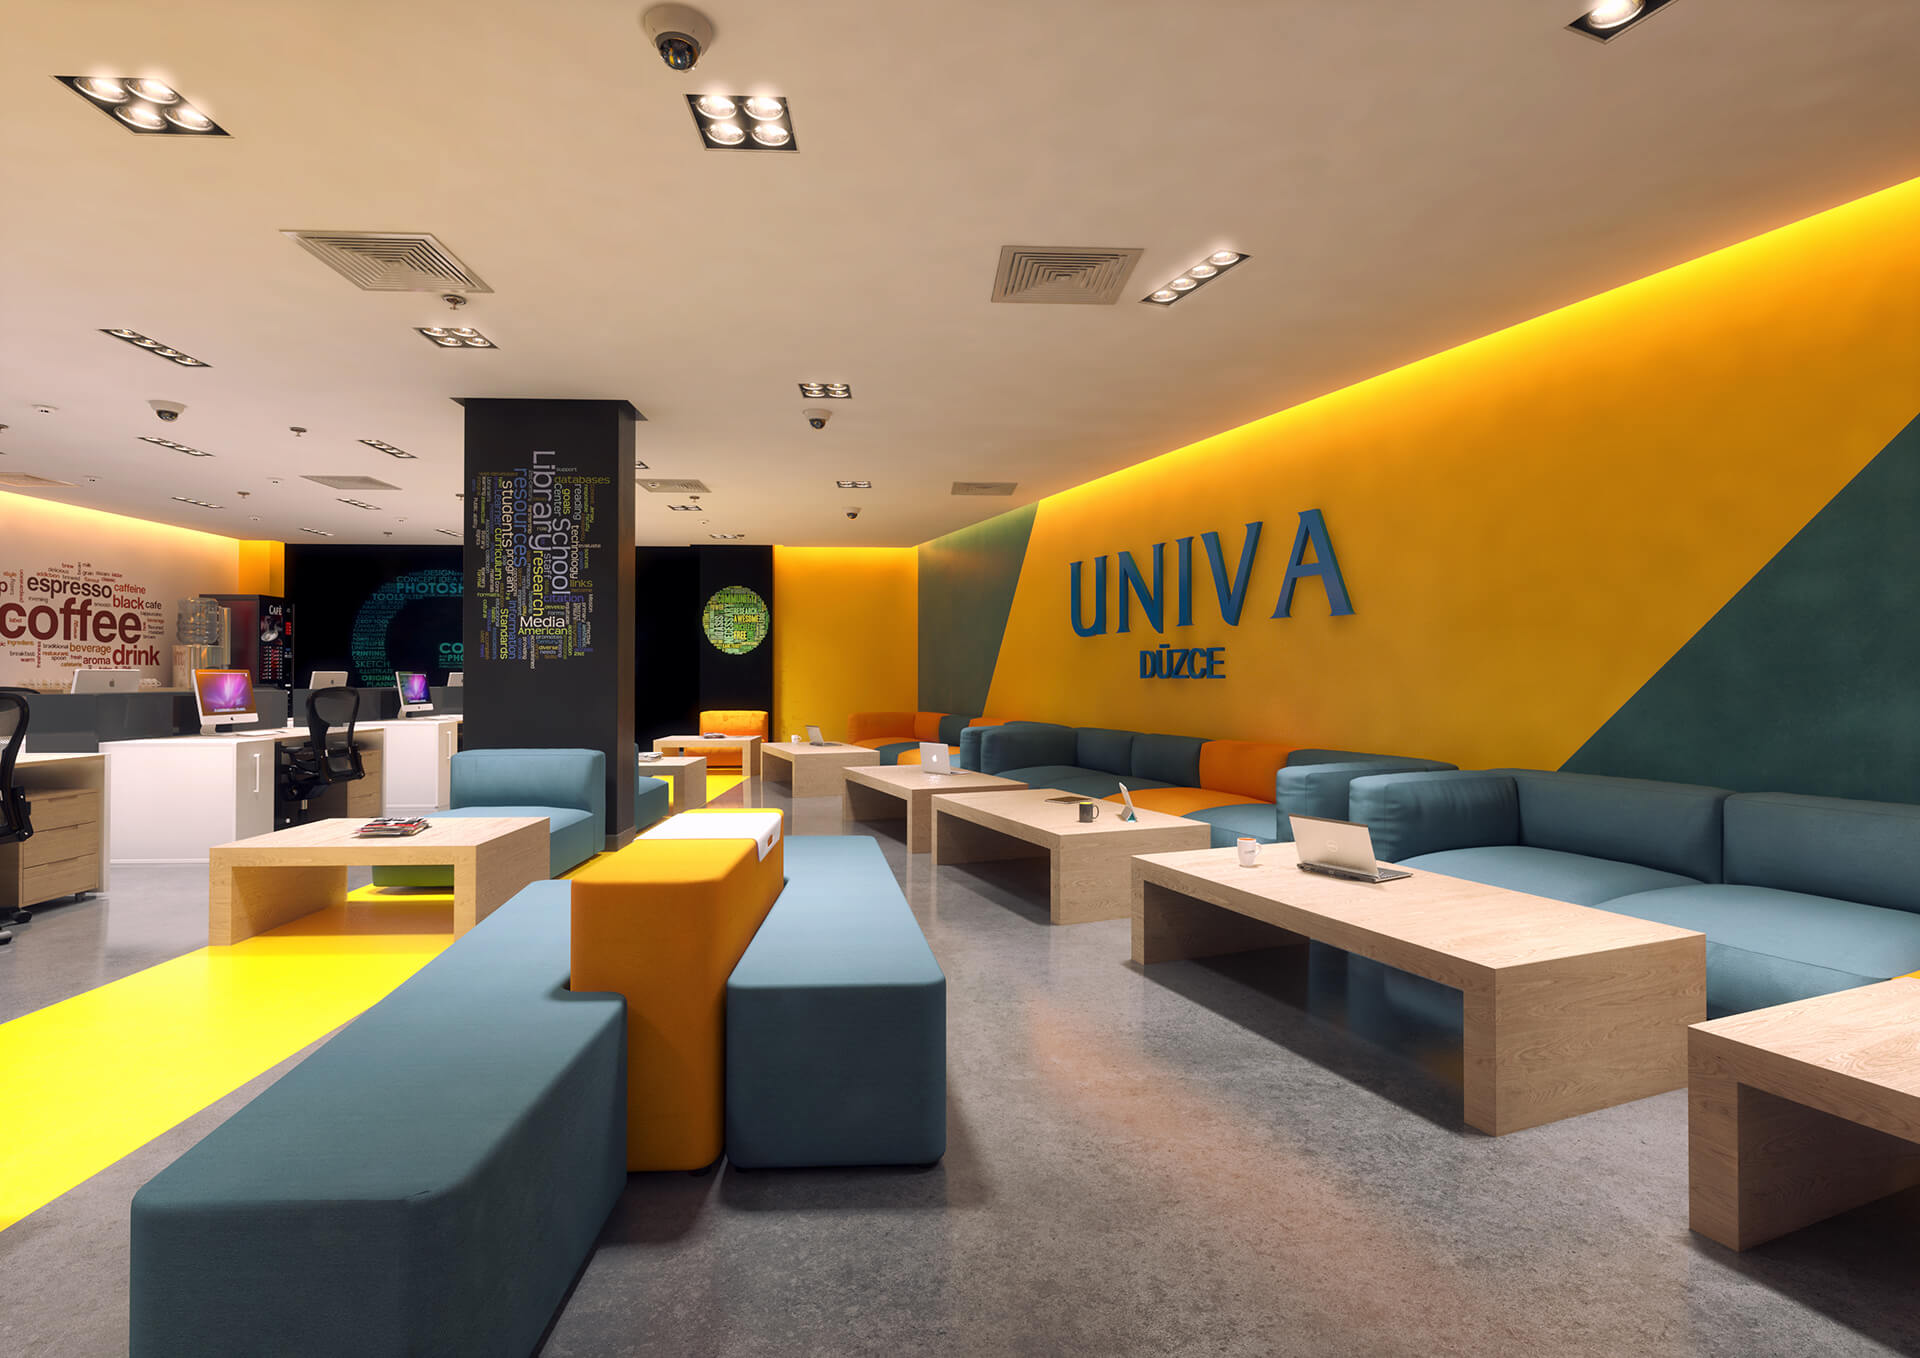 Univa'dan ayda 1.900 TL'ye yatırımcı olma fırsatı